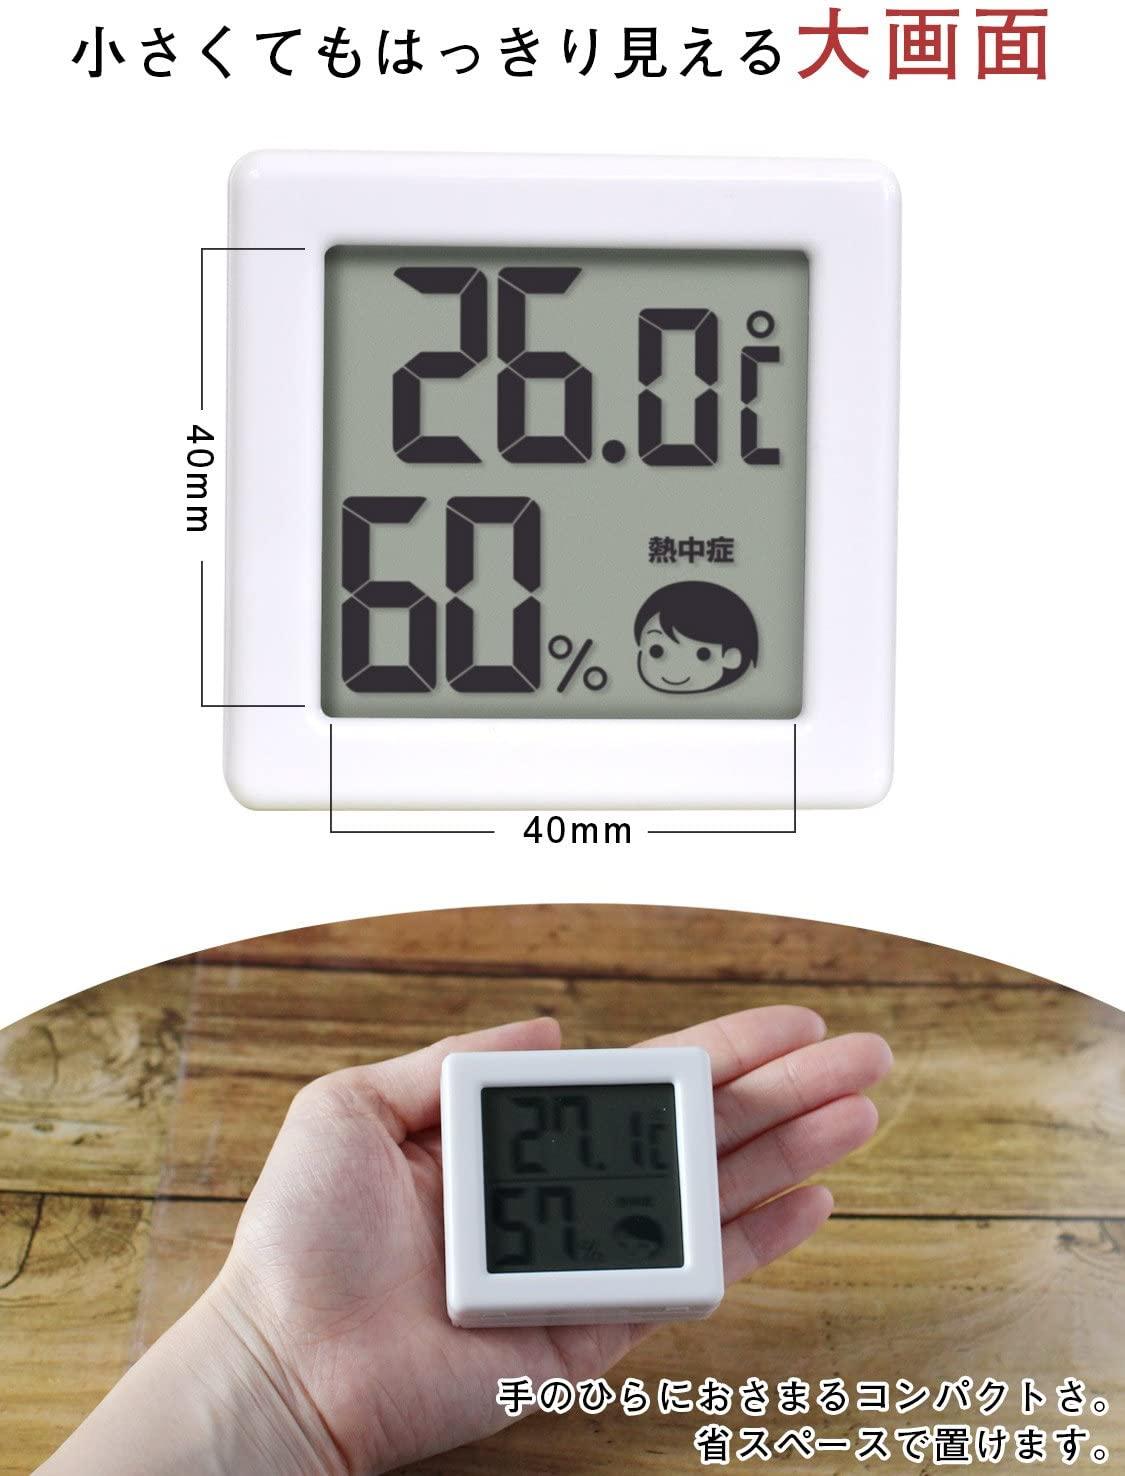 デリテックの温湿度計。手のひらサイズでコンパクトでありながら、デジタル文字が大きくて非常に見やすい。熱中症レベルを顔で表示してくれるので、一目で状況がわかる。5段階表示になっている。